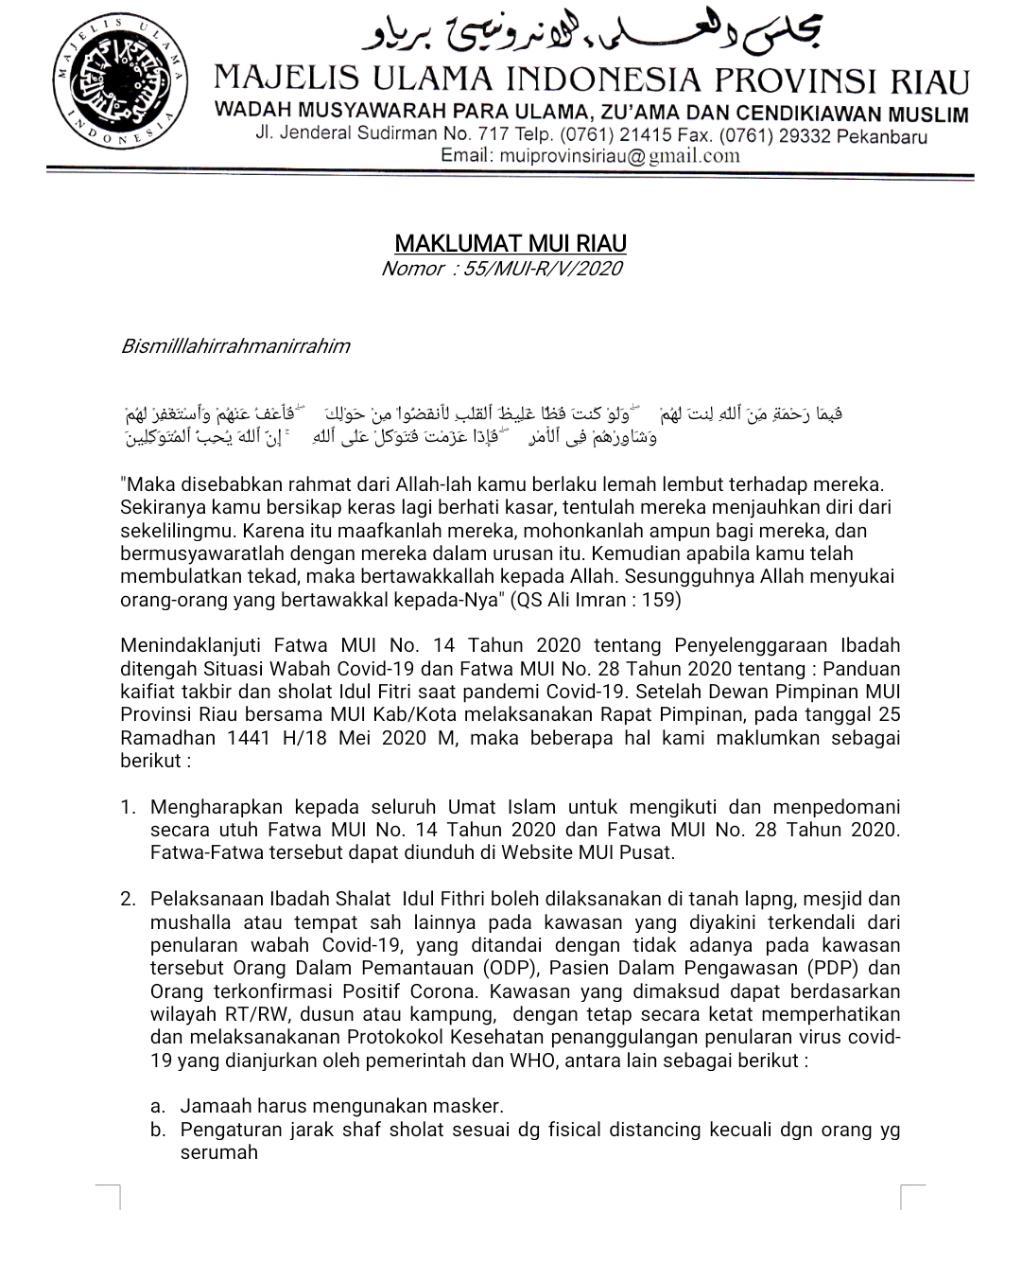 Maklumat MUI Riau nomor 55/MUI-R/V/2020